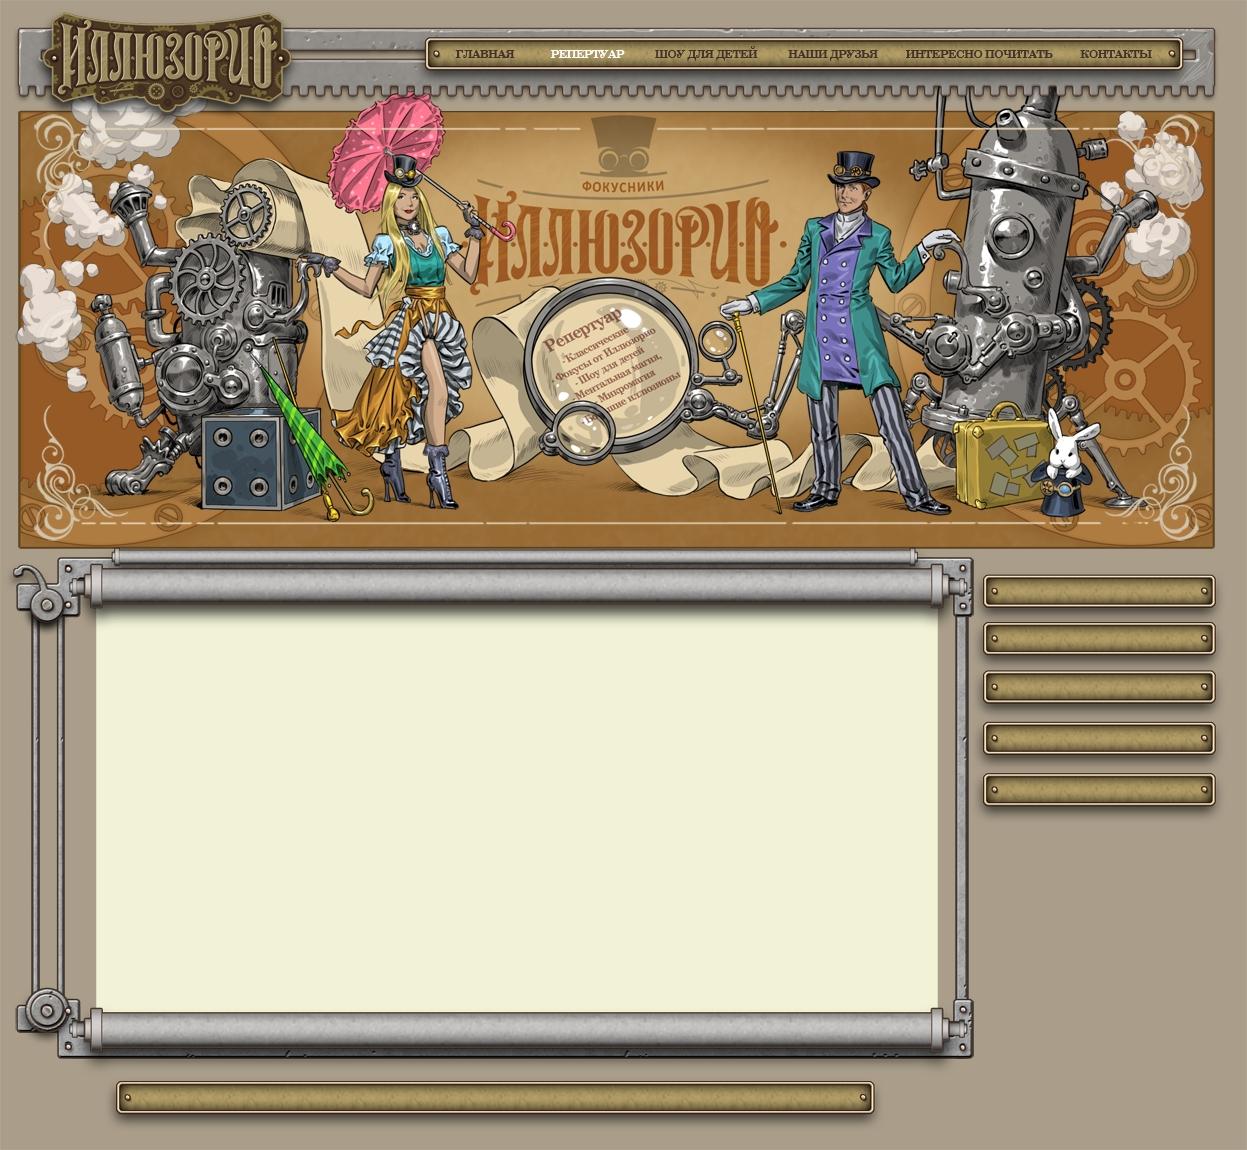 Дизайн сайта стим-панк комикс